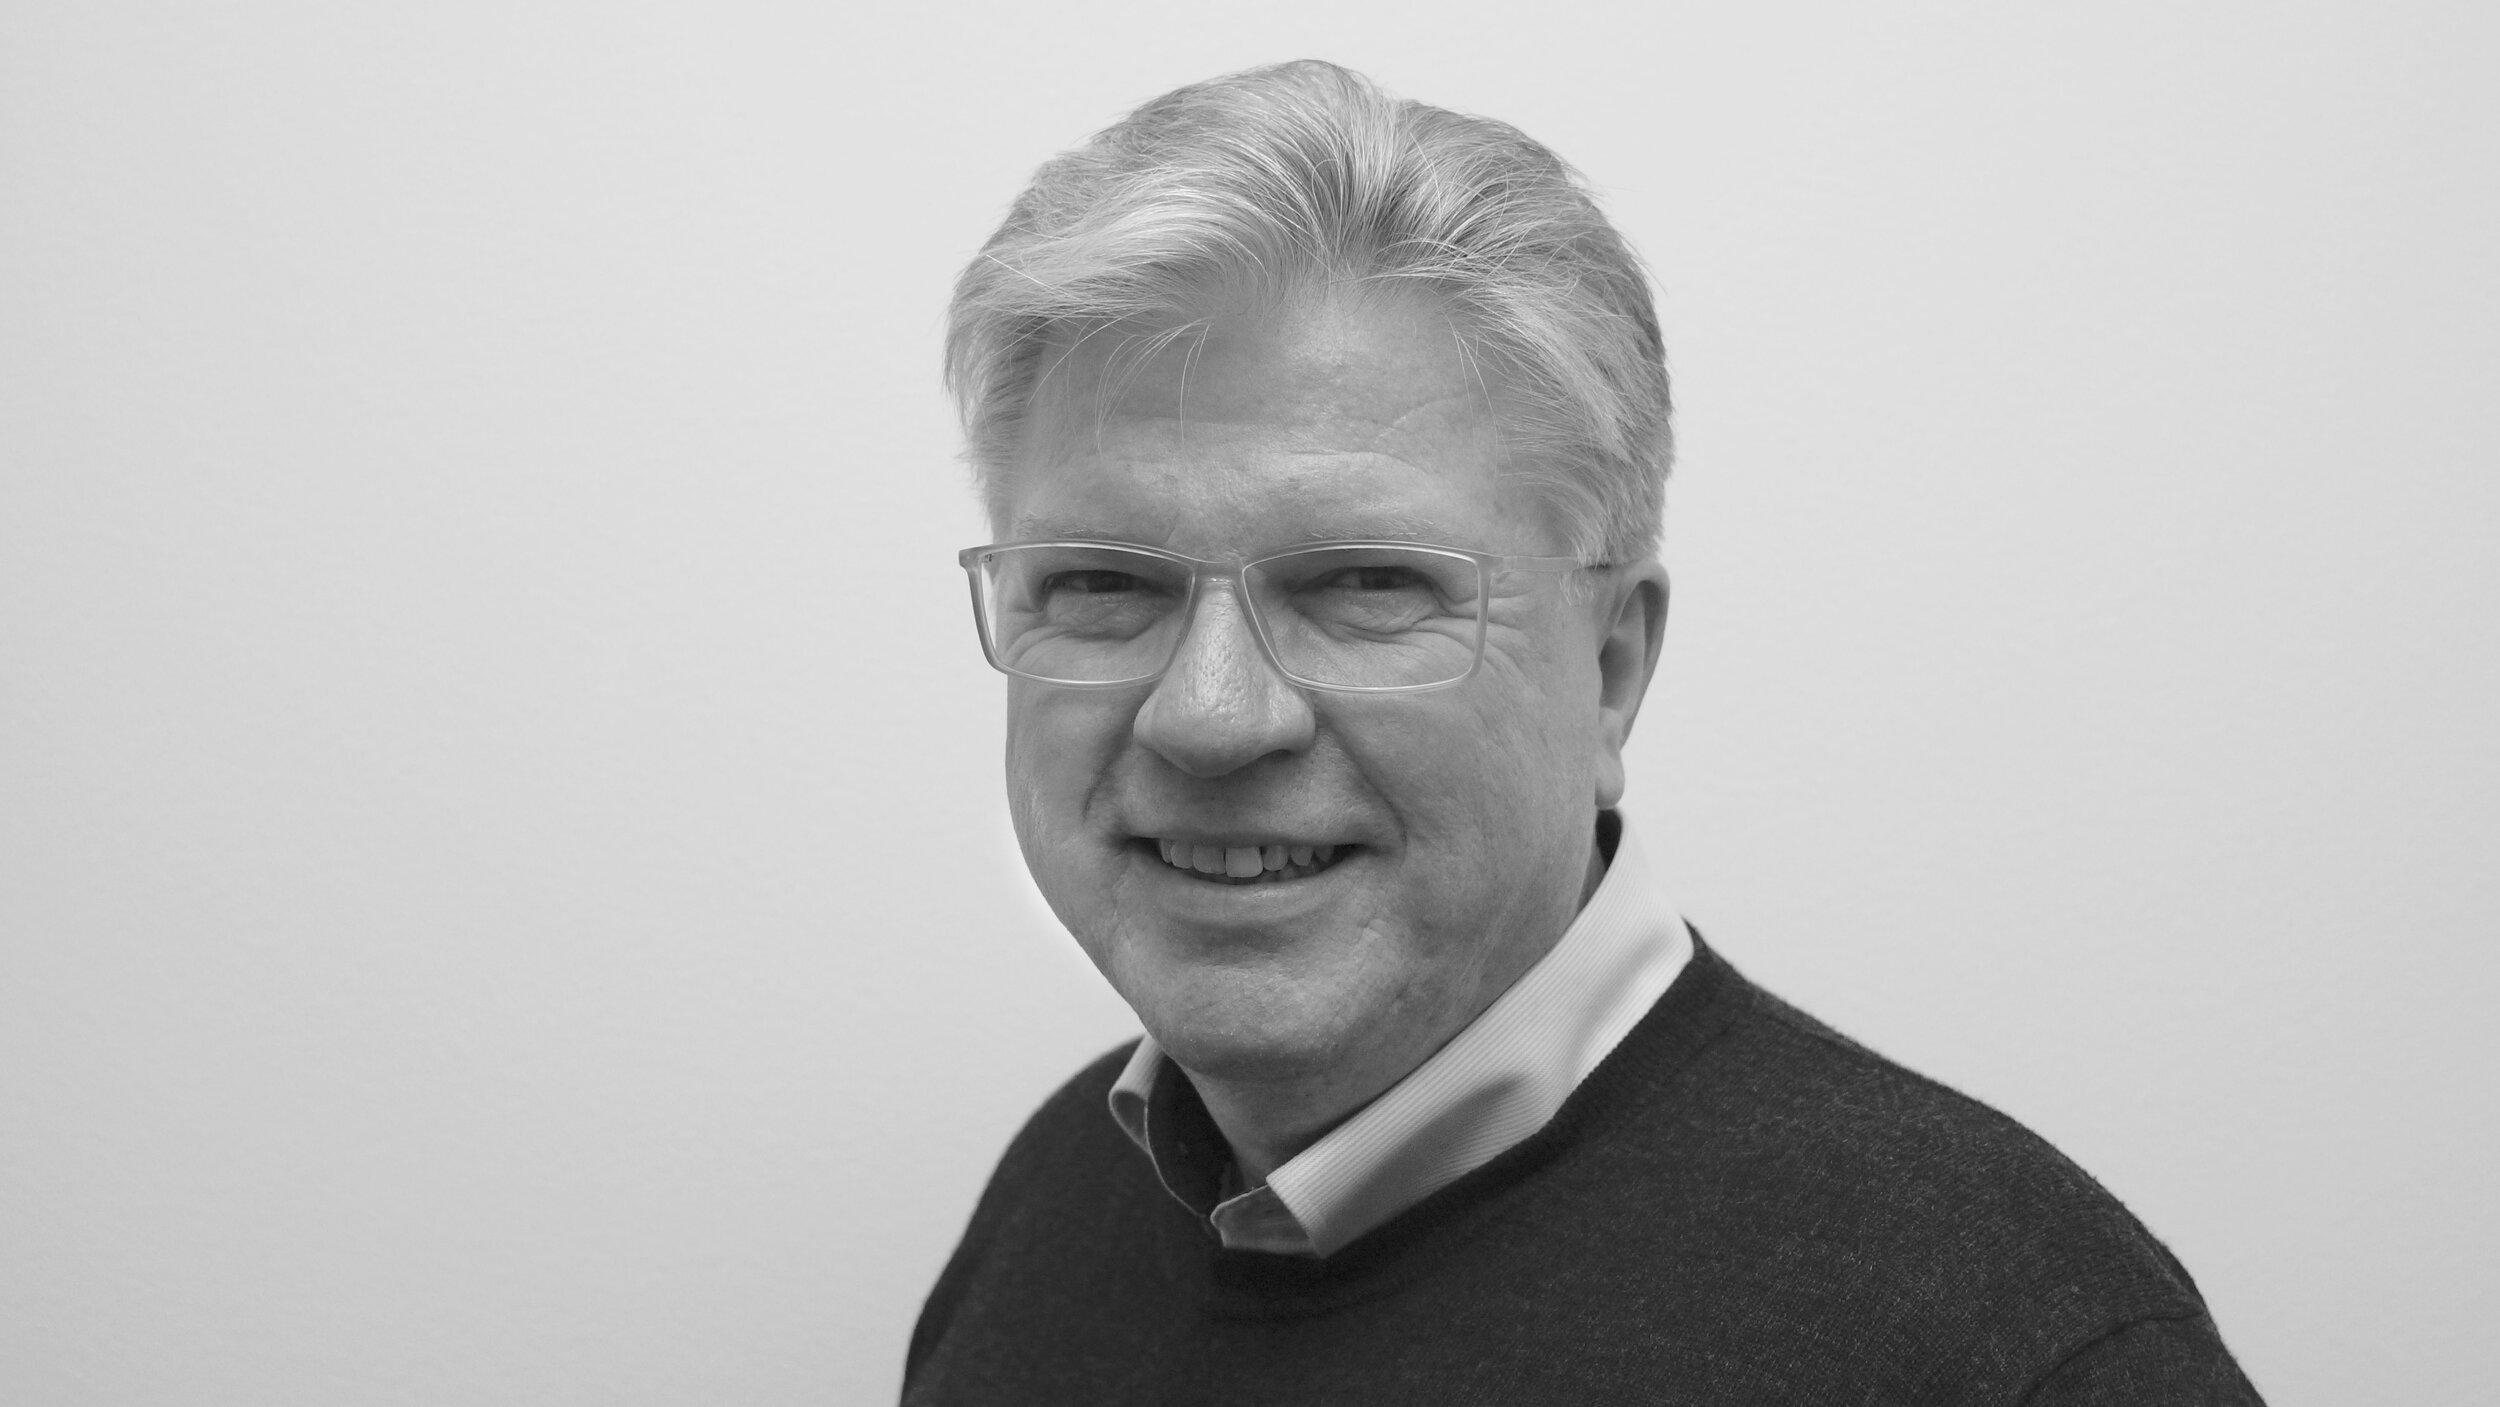 Steinar Valade-Amland, founder of three point zero